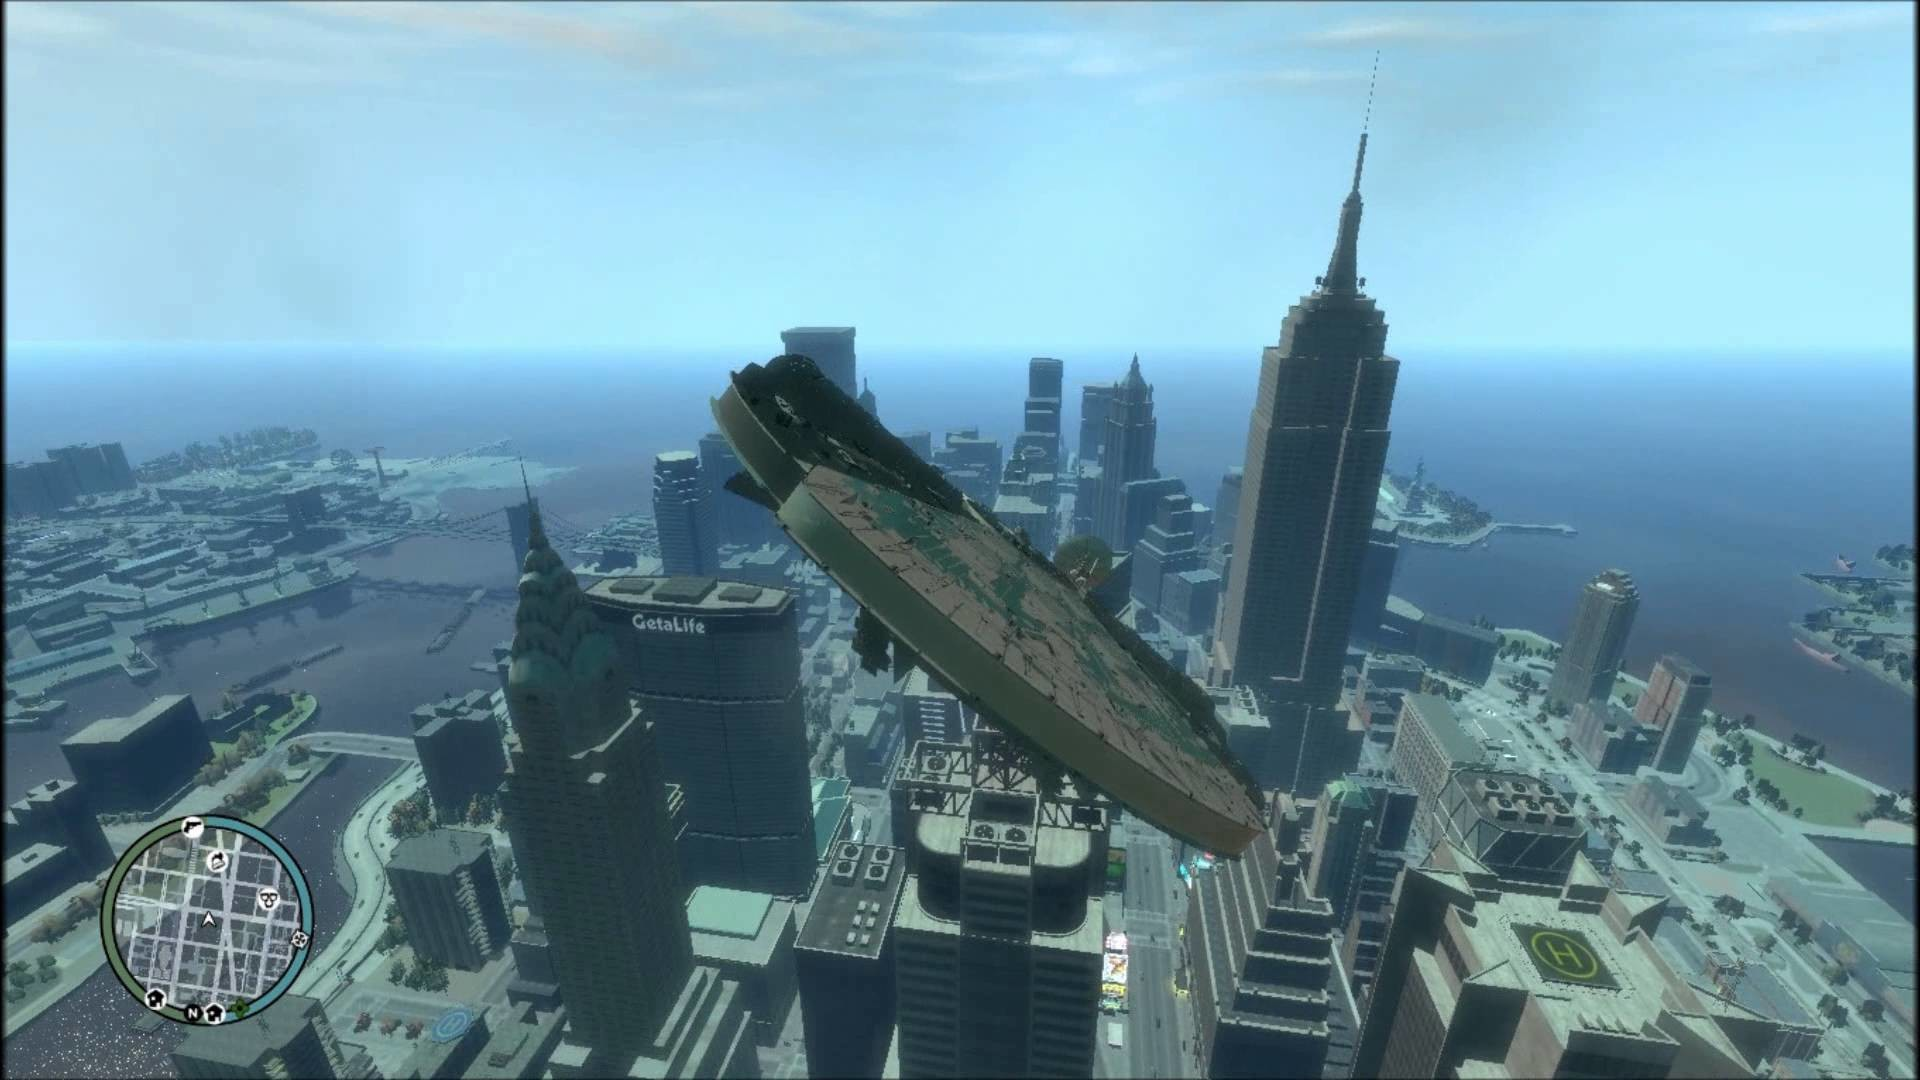 GTA IV: Star Wars Millenium Falcon MOD